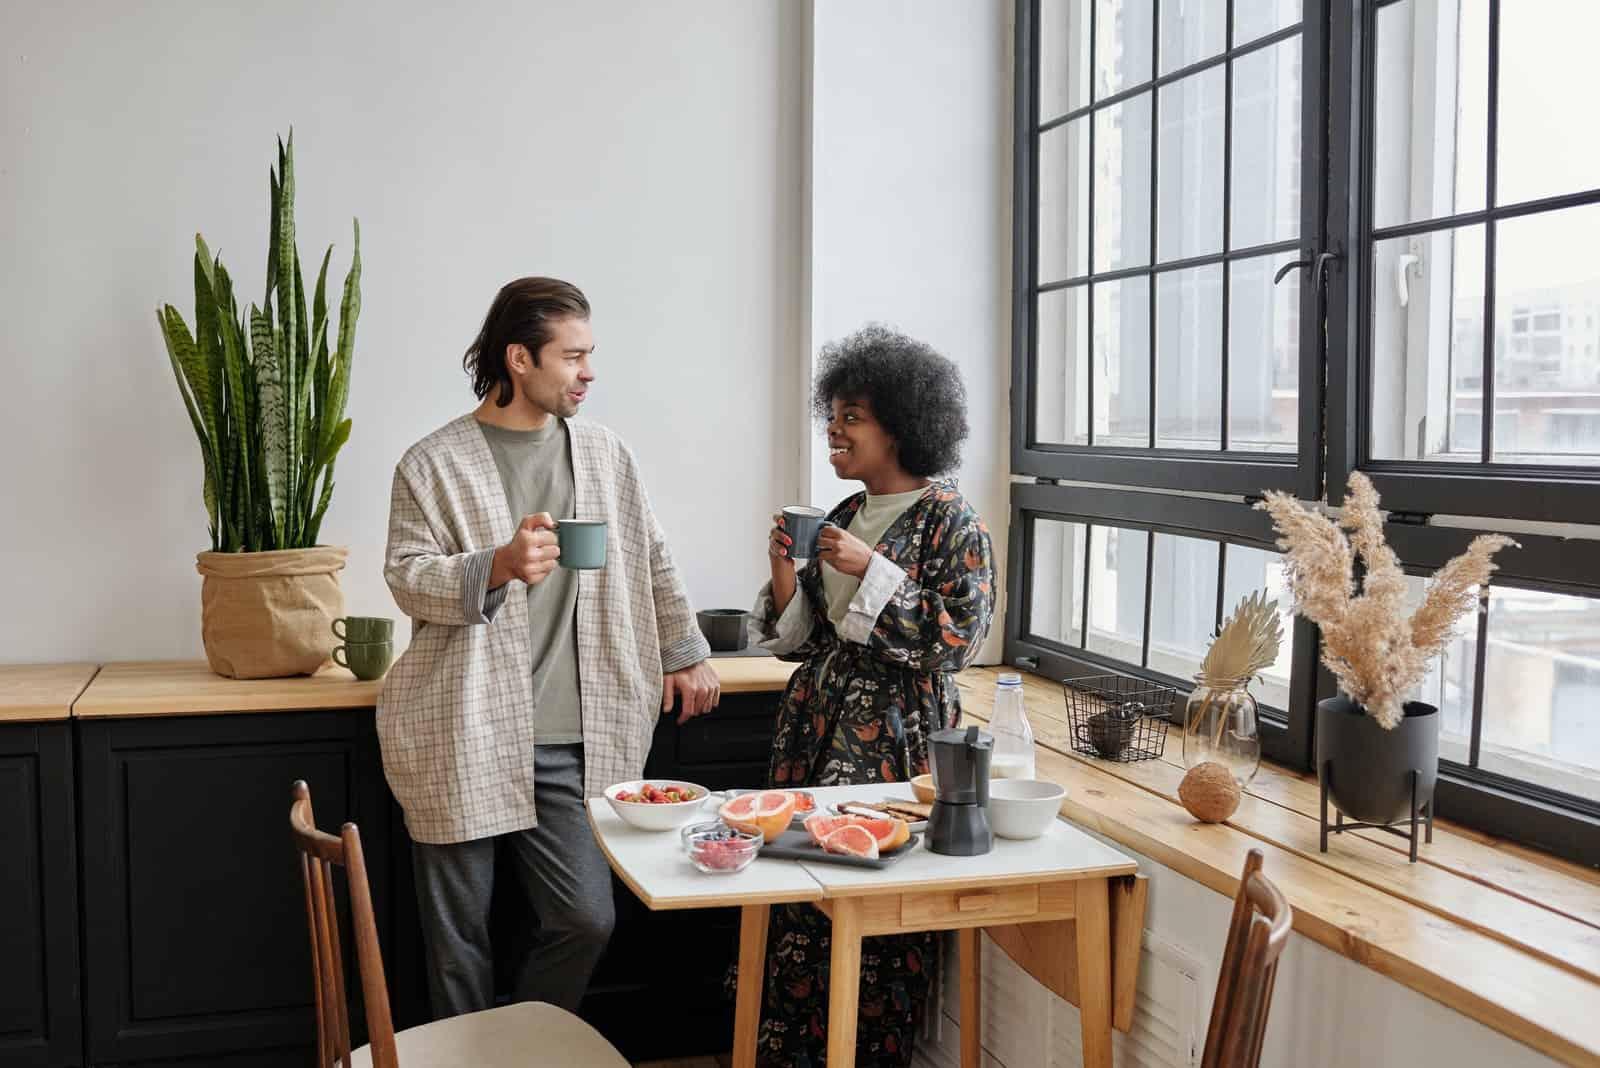 homme et femme buvant du café debout dans une cuisine